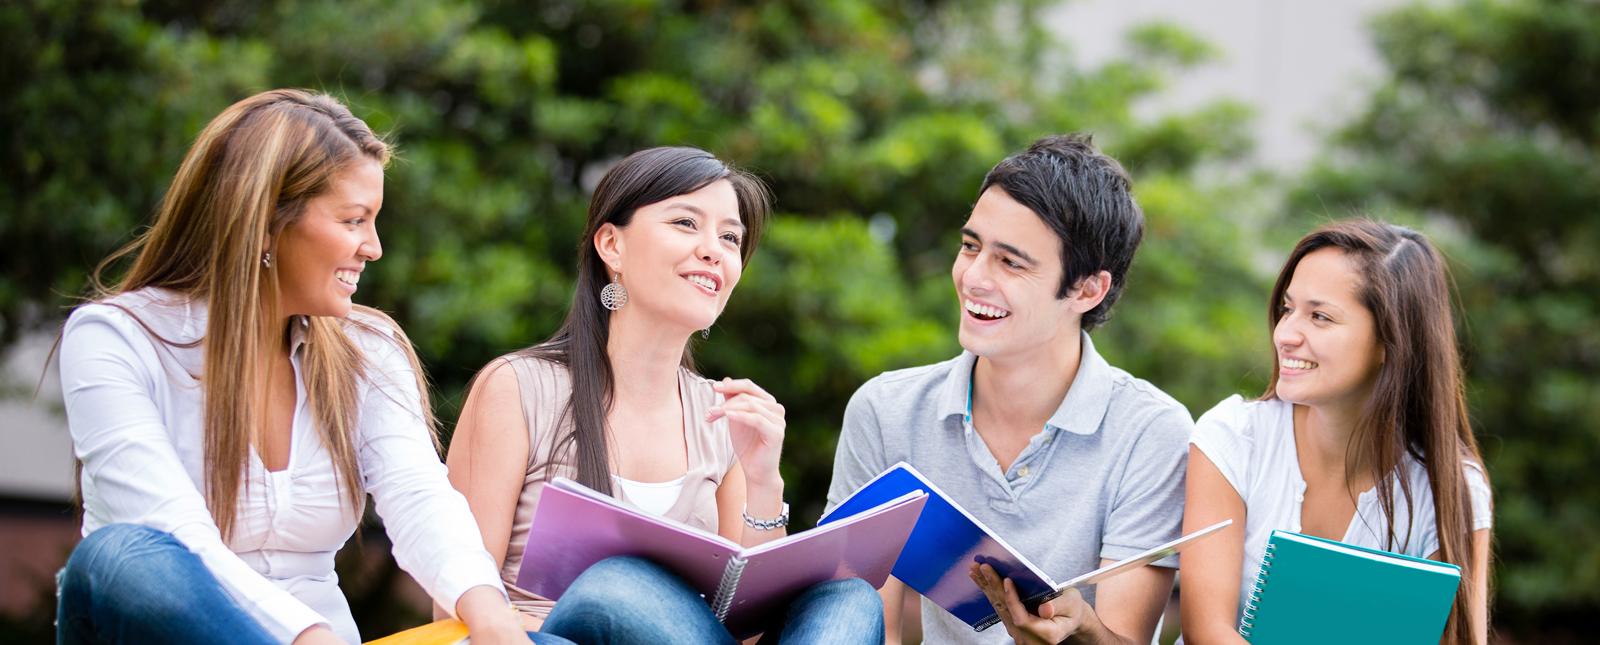 Du học Trung học ở Singapore - Định hướng nghề nghiệp ngay từ khi còn ngồi trên ghế nhà trường